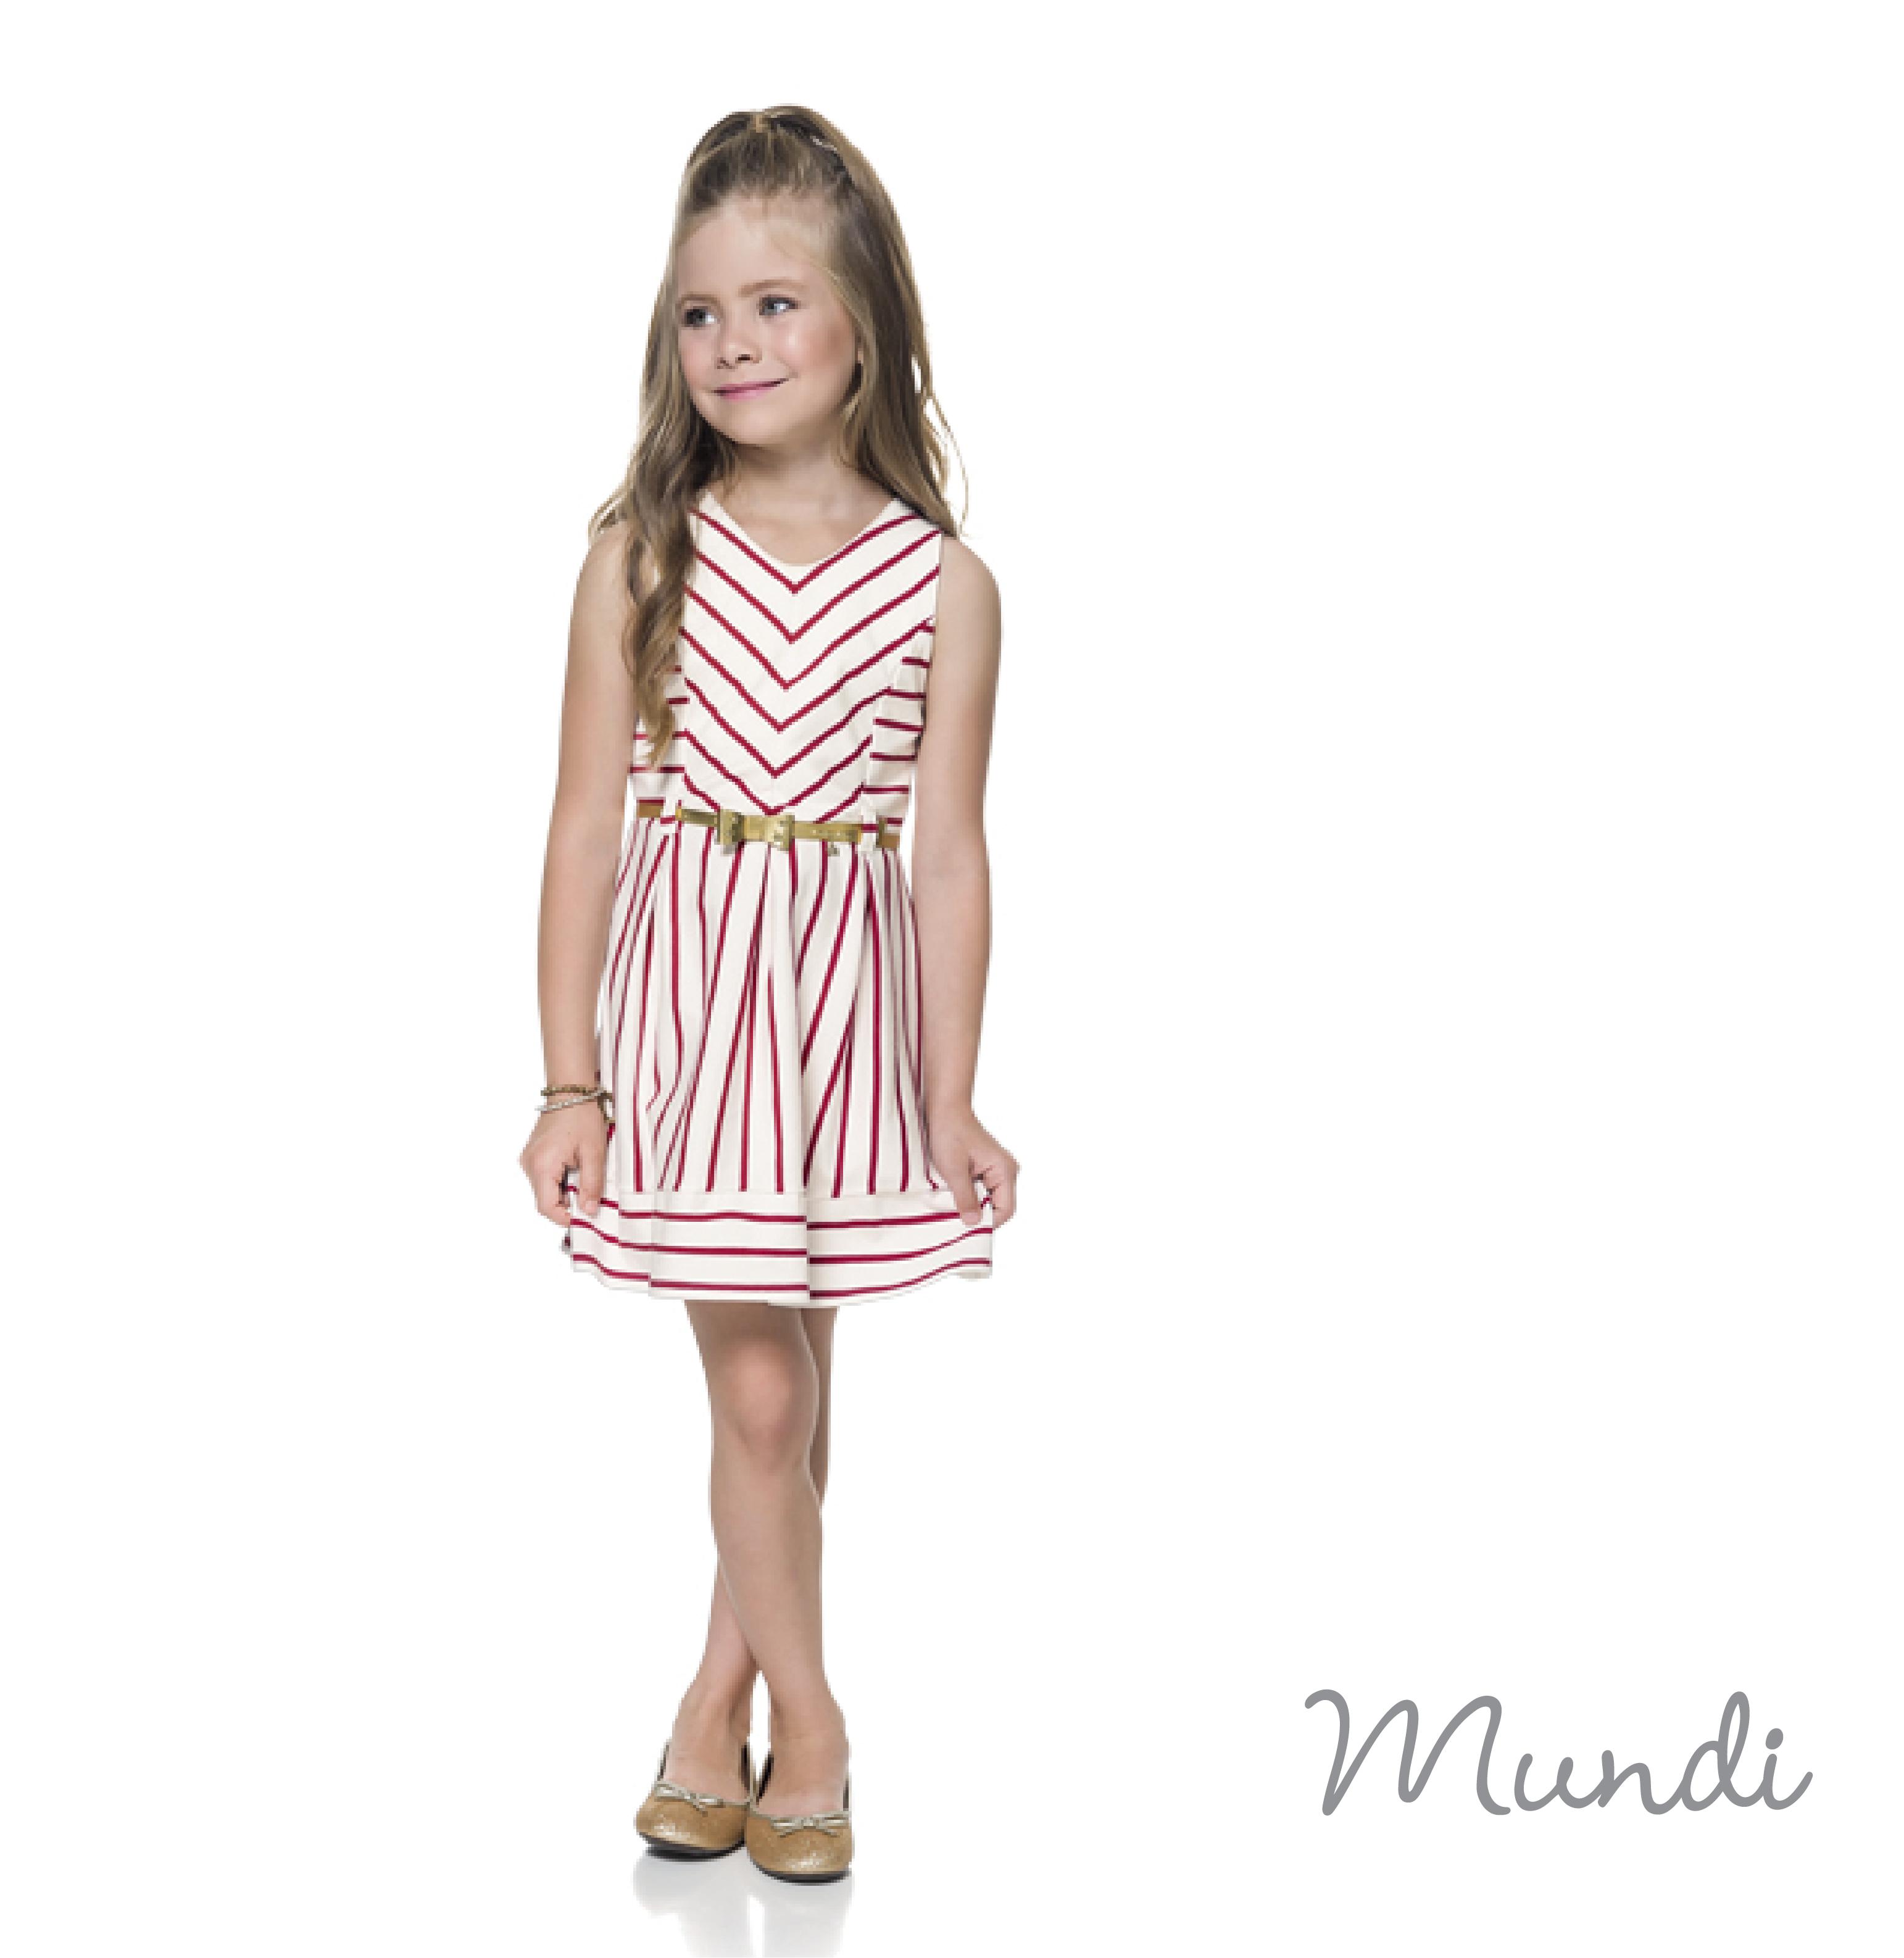 c5aedca1c5 Moda infantil  as charmosas e atemporais listras - Blog Moda ...